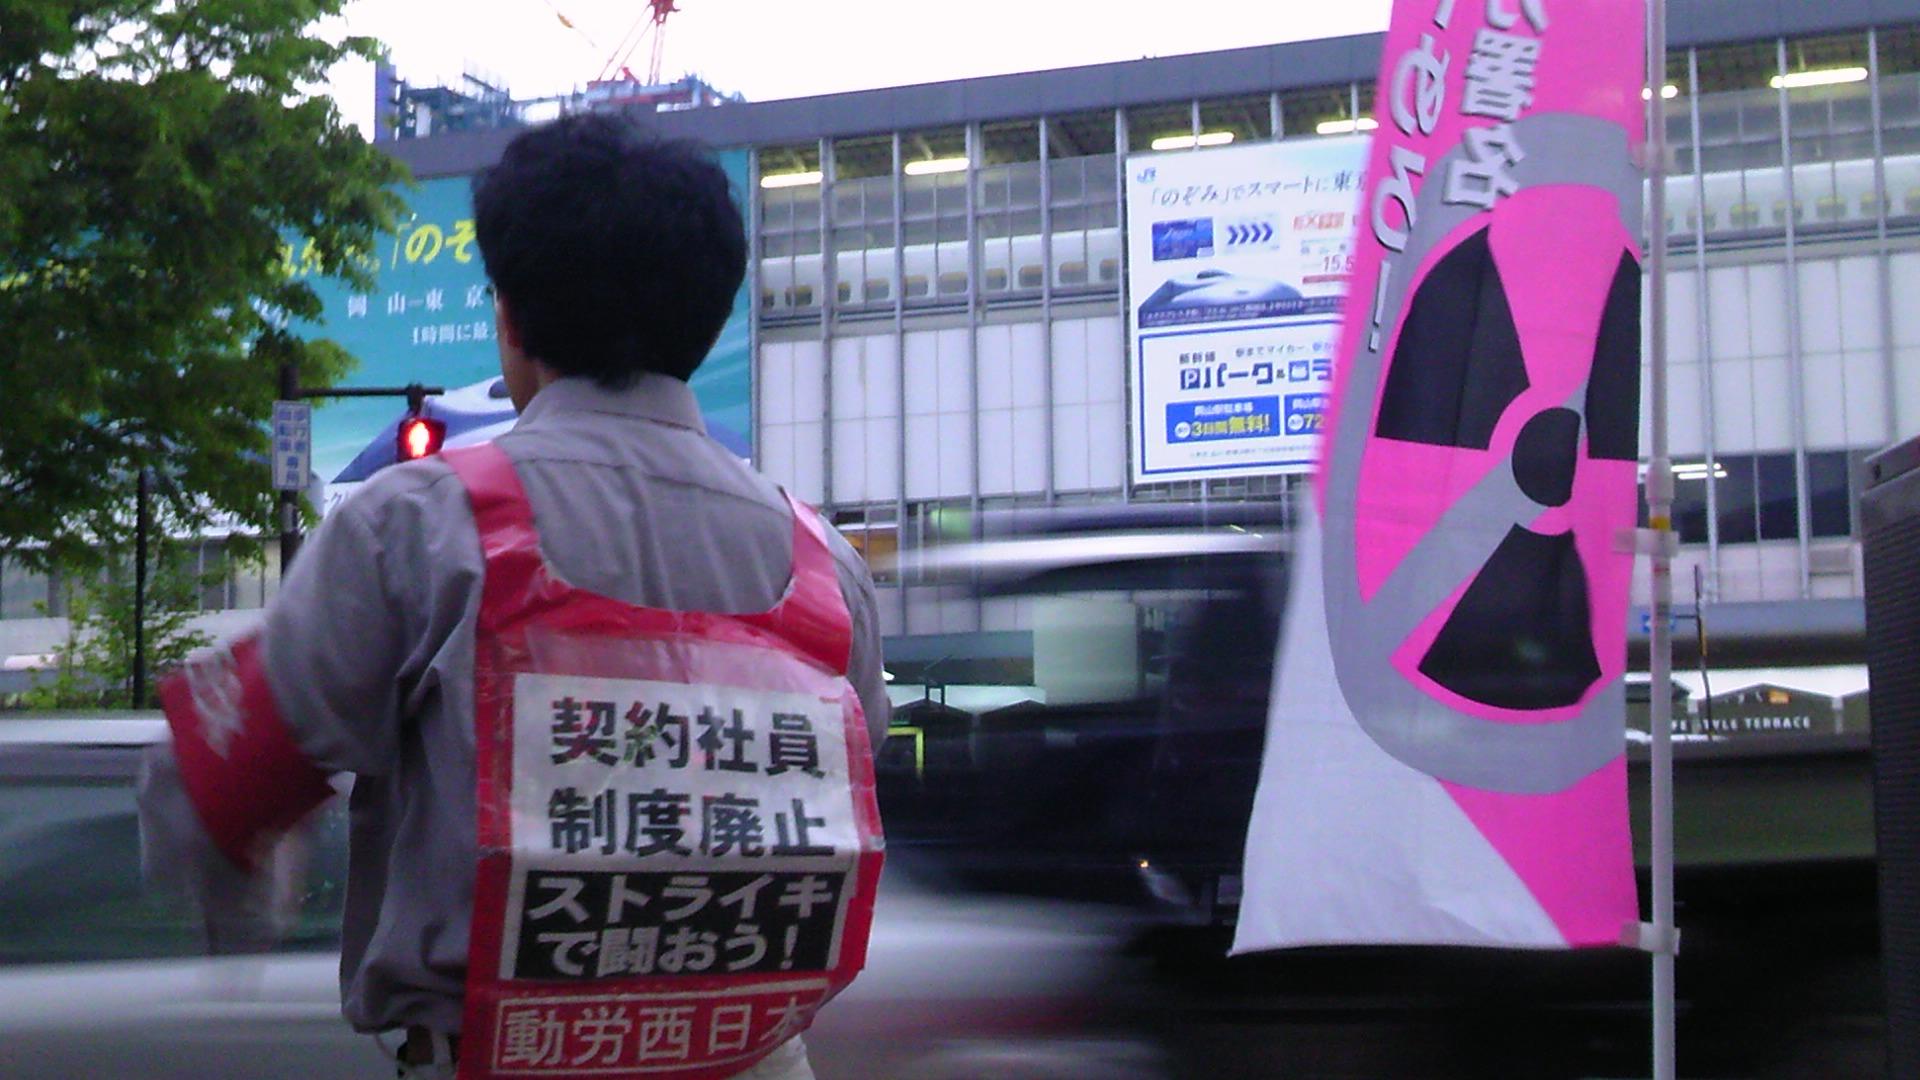 5・1岡山メーデーで、山田副委員長が岡山駅に向かってアピール!_d0155415_1820969.jpg